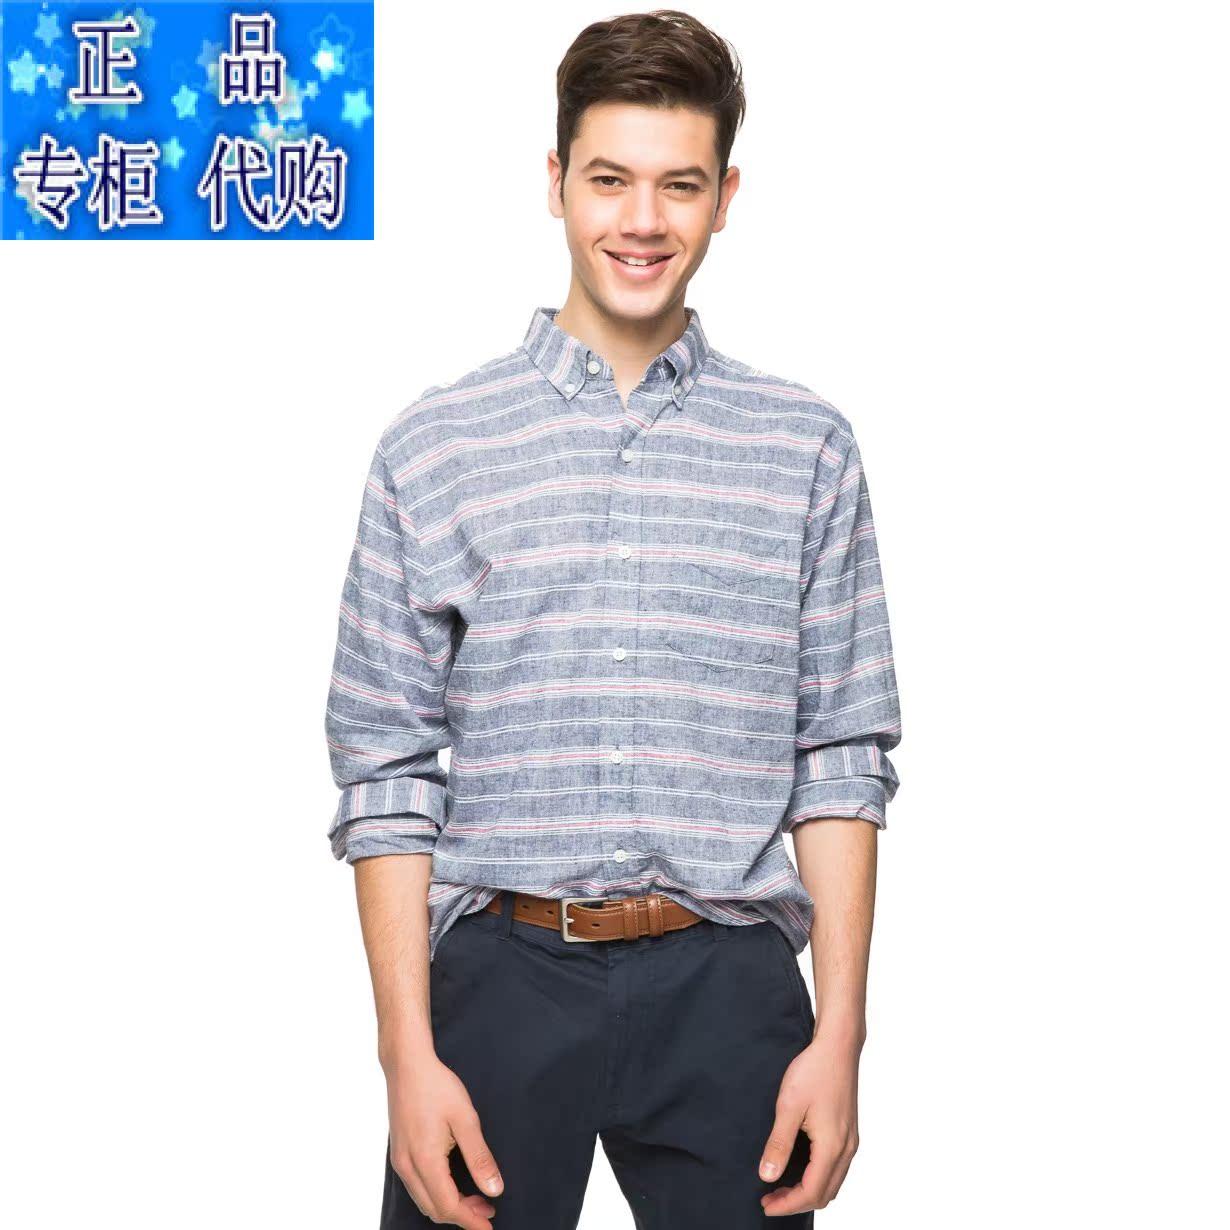 Рубашка мужская OLD NAVY 000369129 369129 джинсы мужские navy old